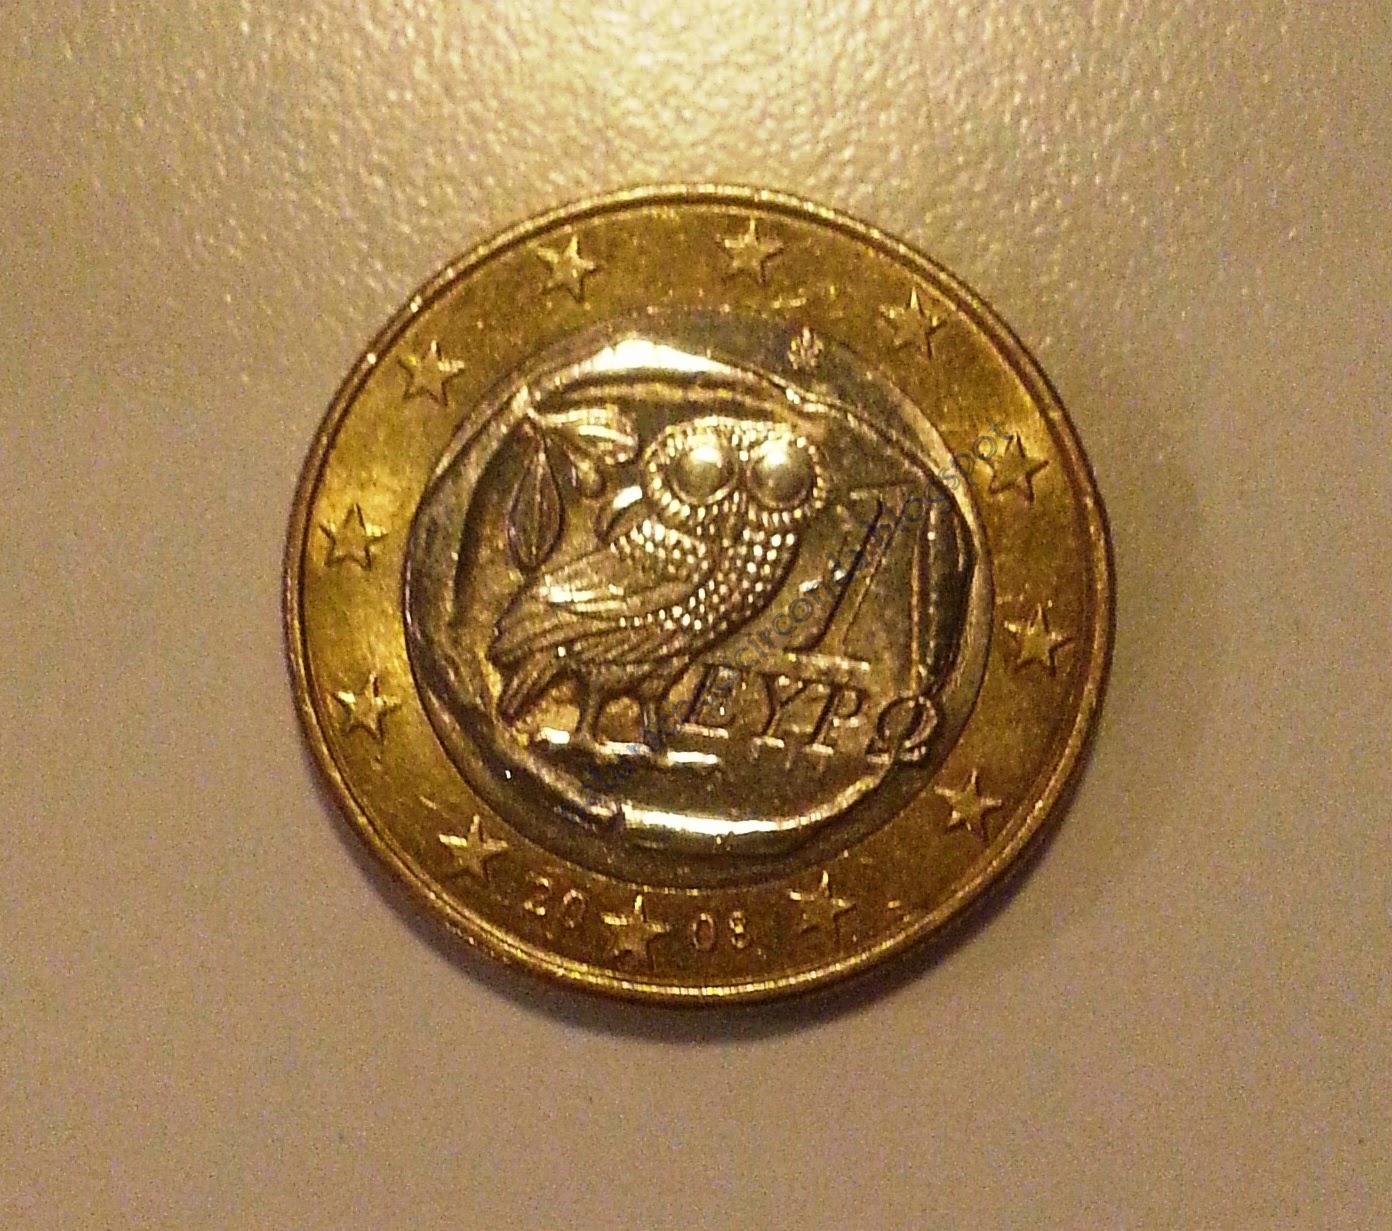 1 euro greco - Civetta porta fortuna ...